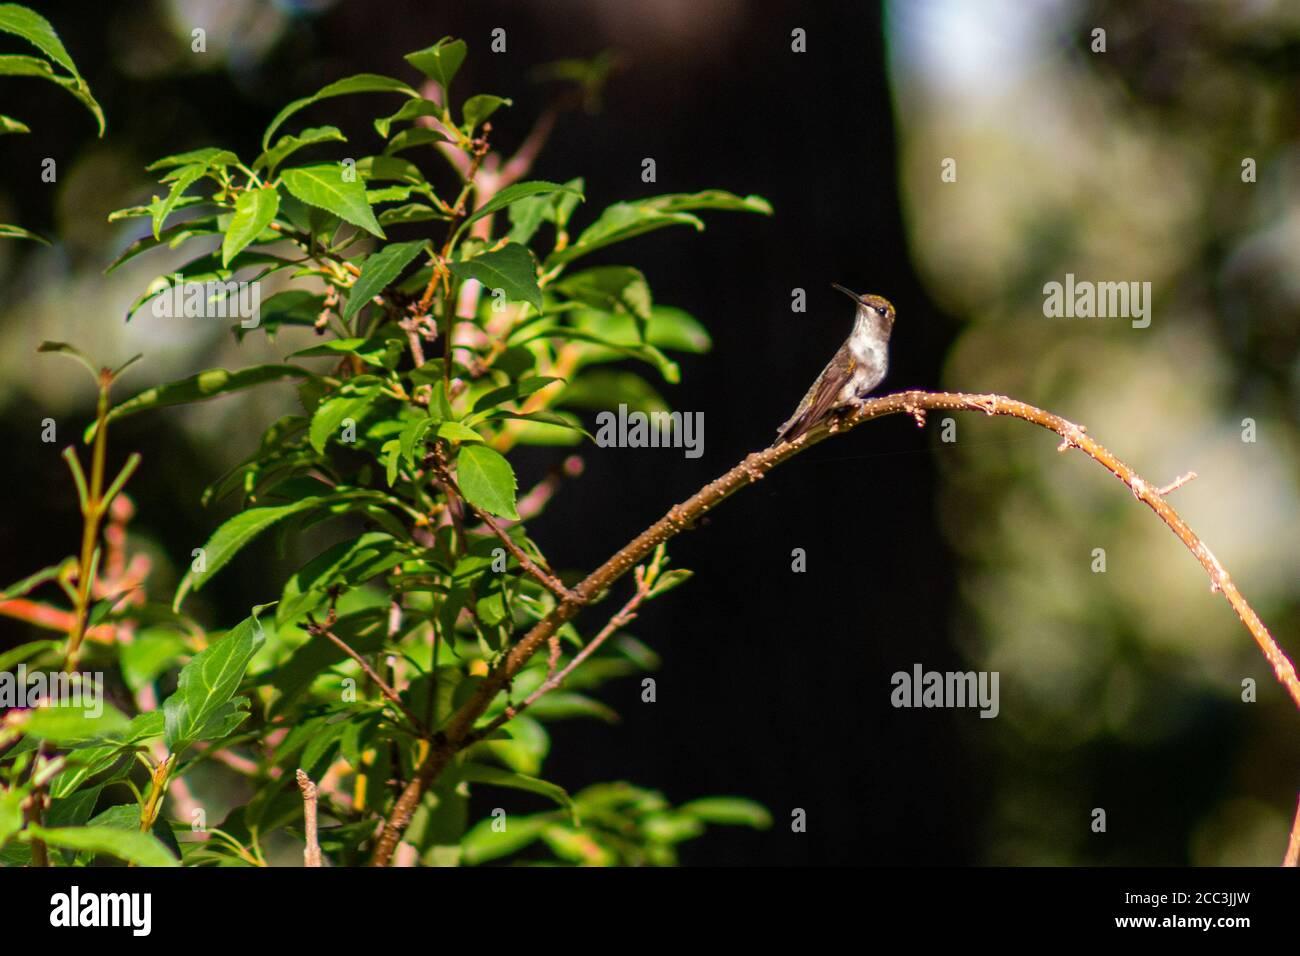 Ruby-throated hummingbird sitting in a tree in backyard in Joplin, MO Stock Photo